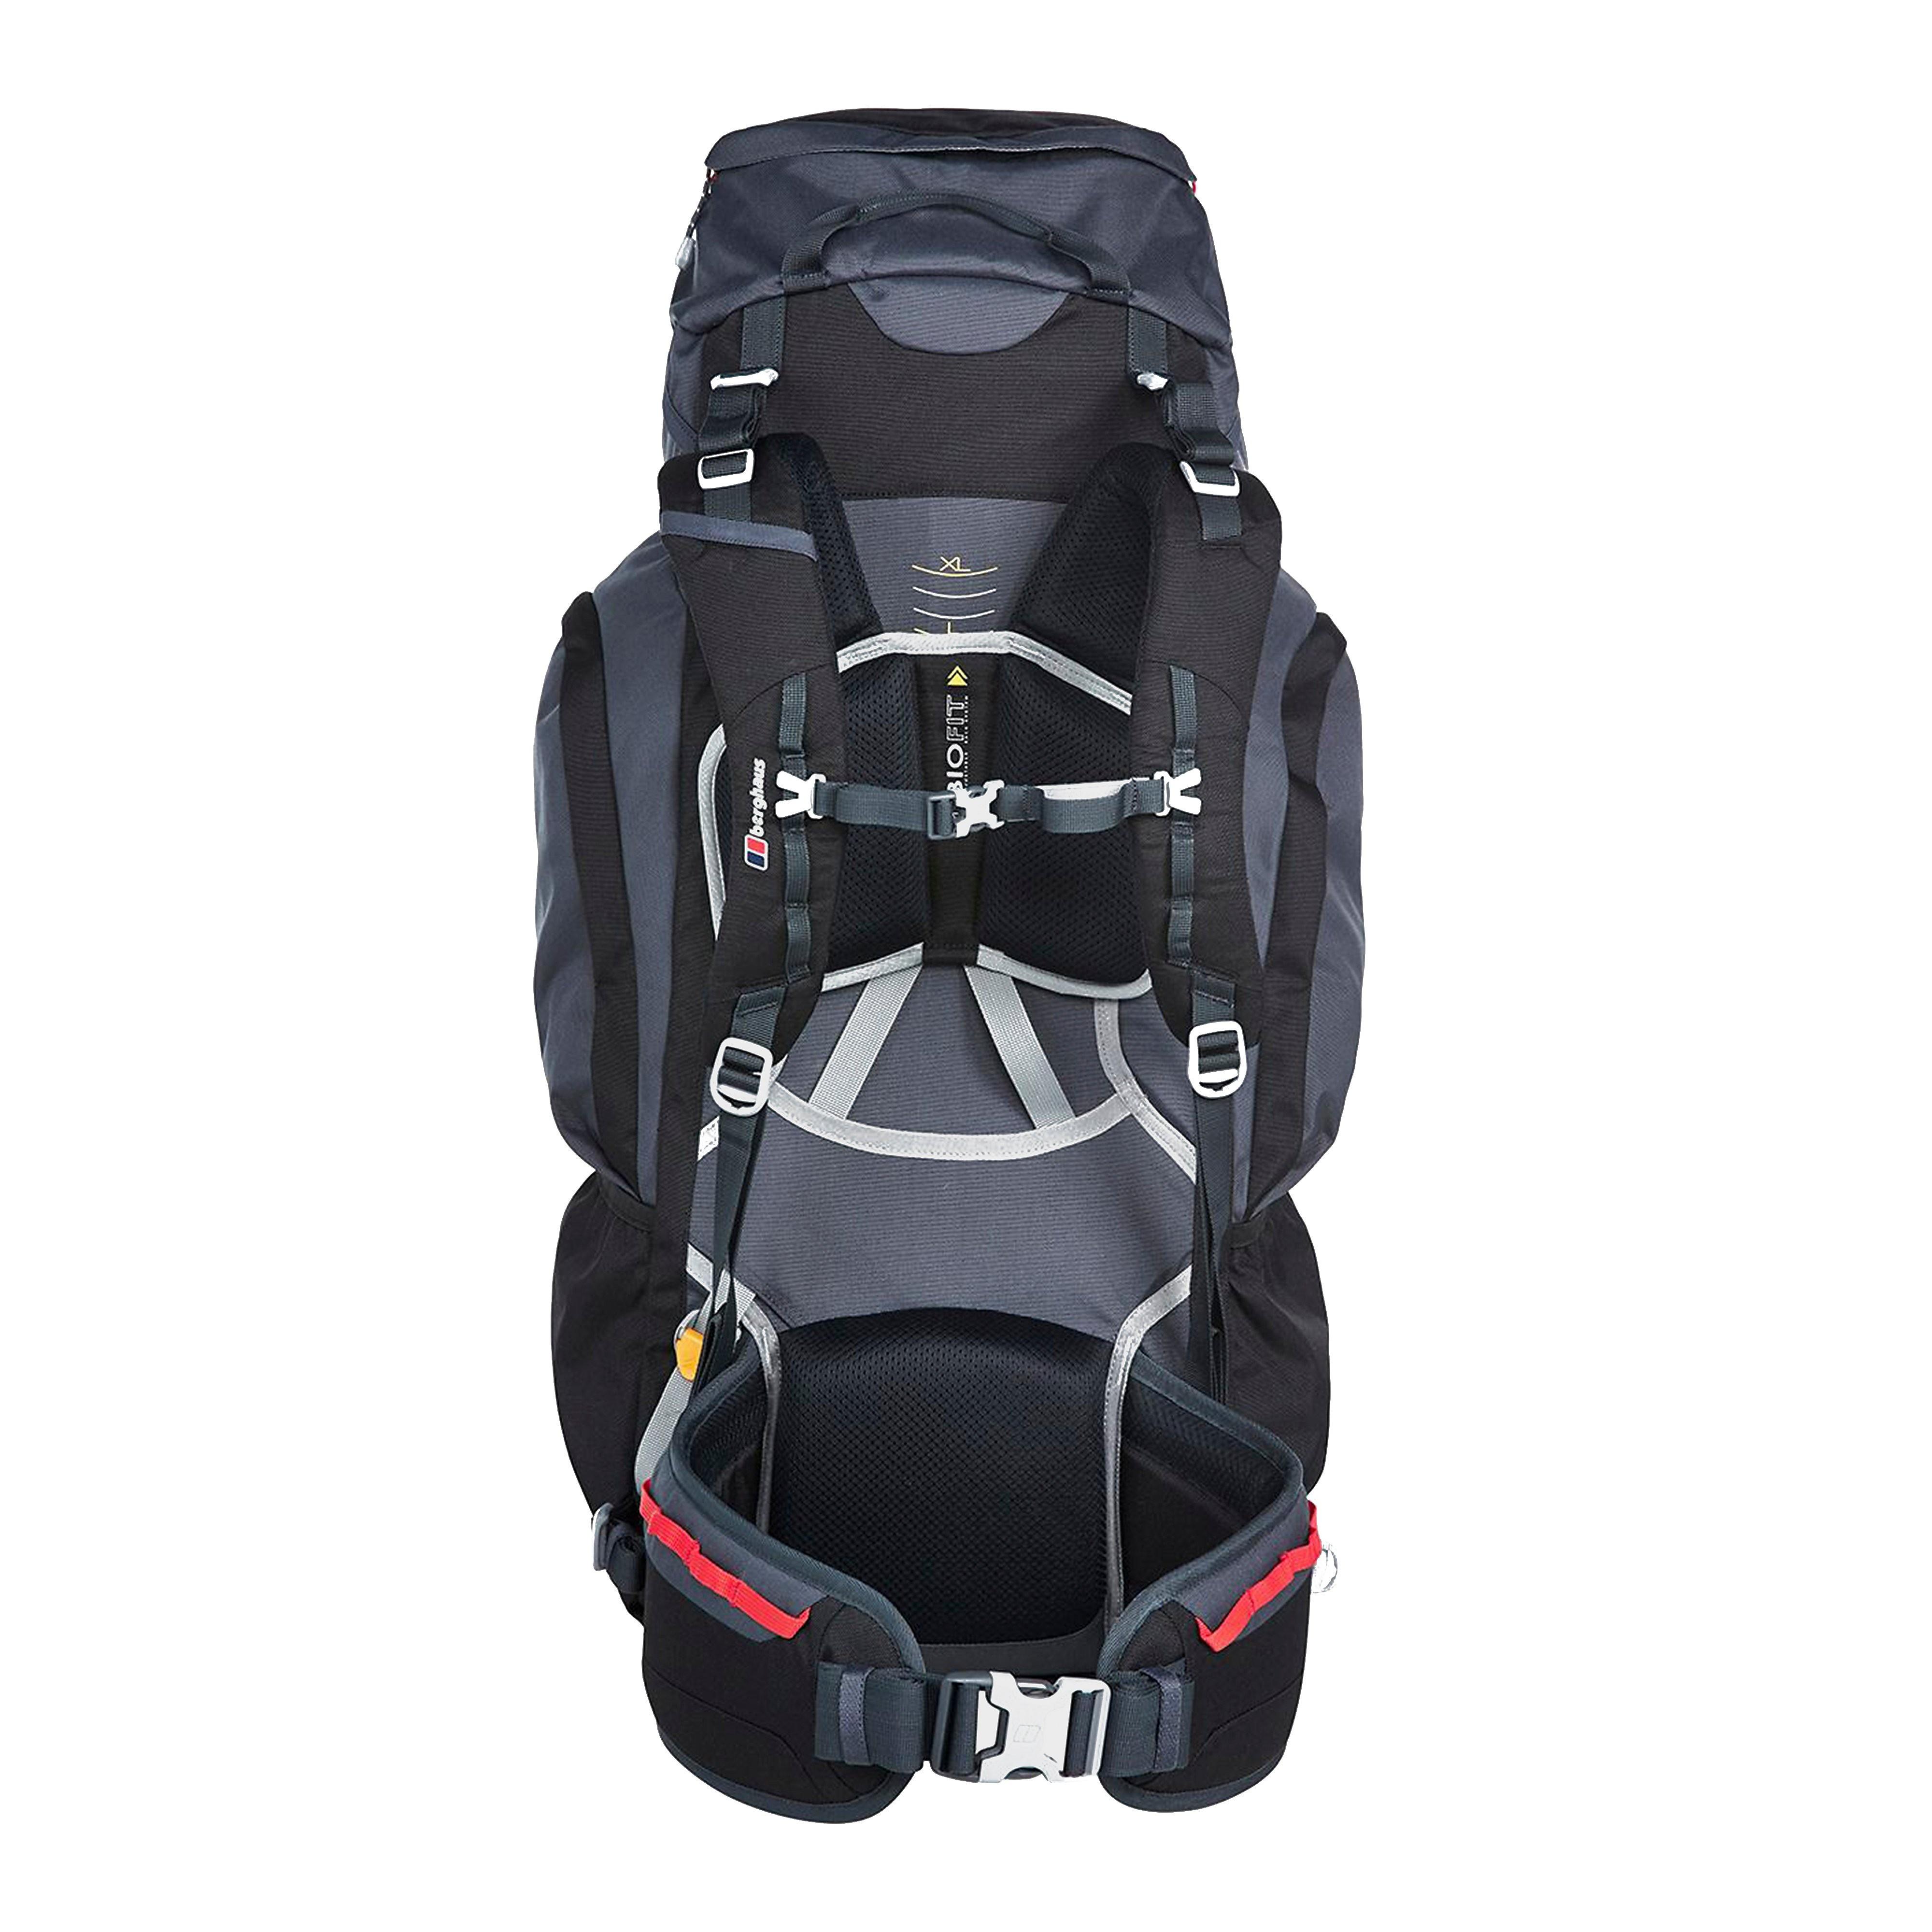 Berghaus Trailhead 65 Backpack